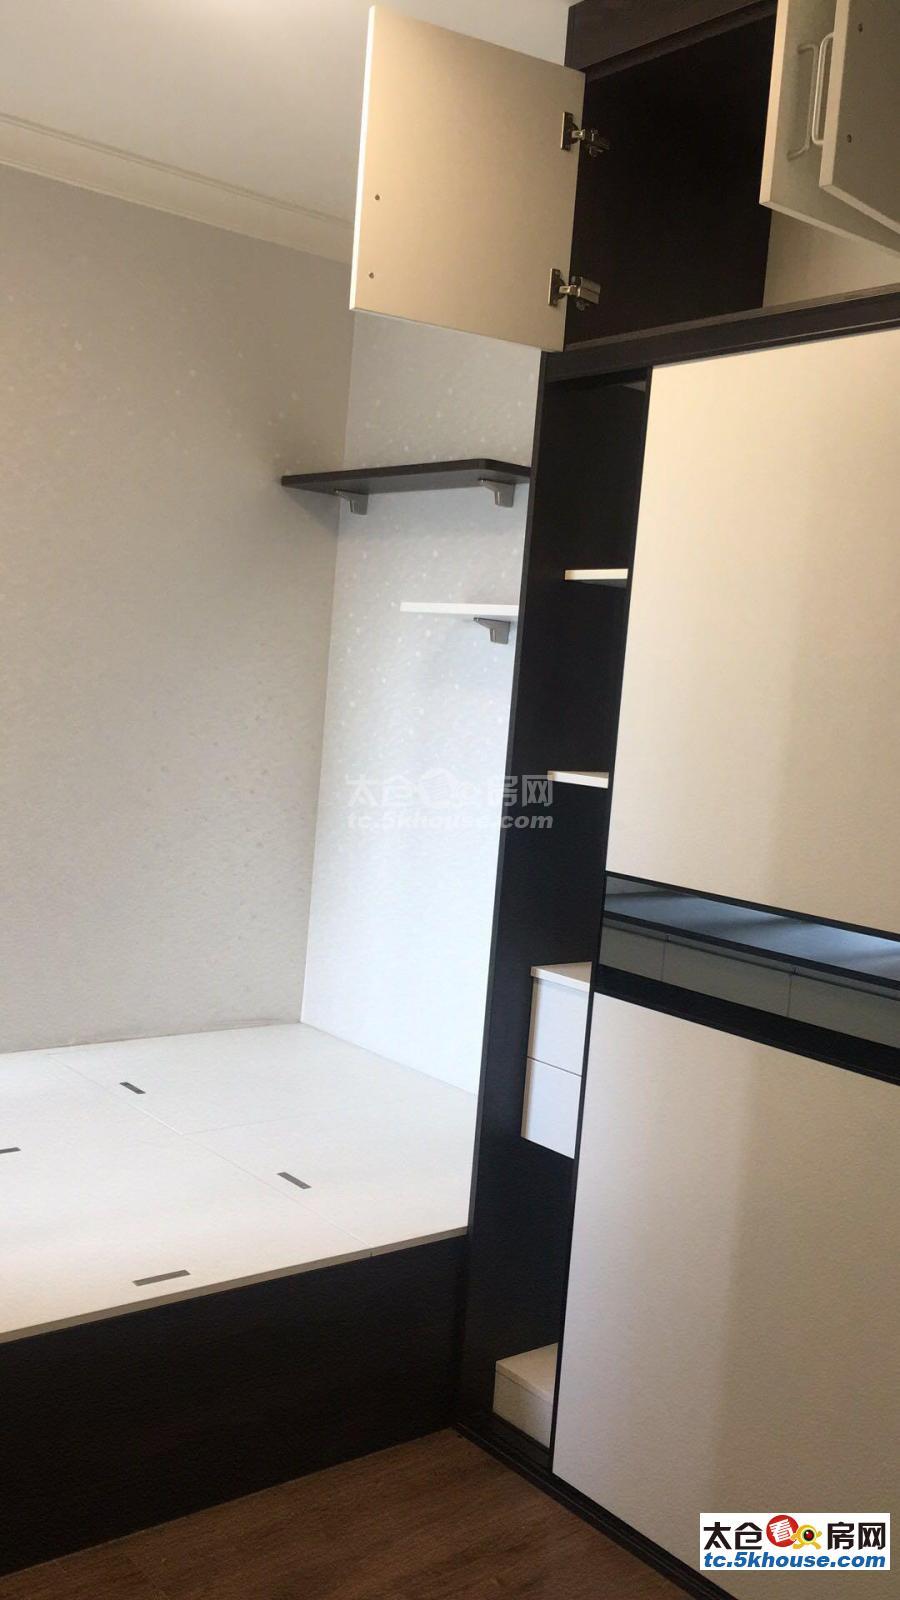 碧桂园 218万 3室2厅1卫 精装修 ,难得的好户型急售